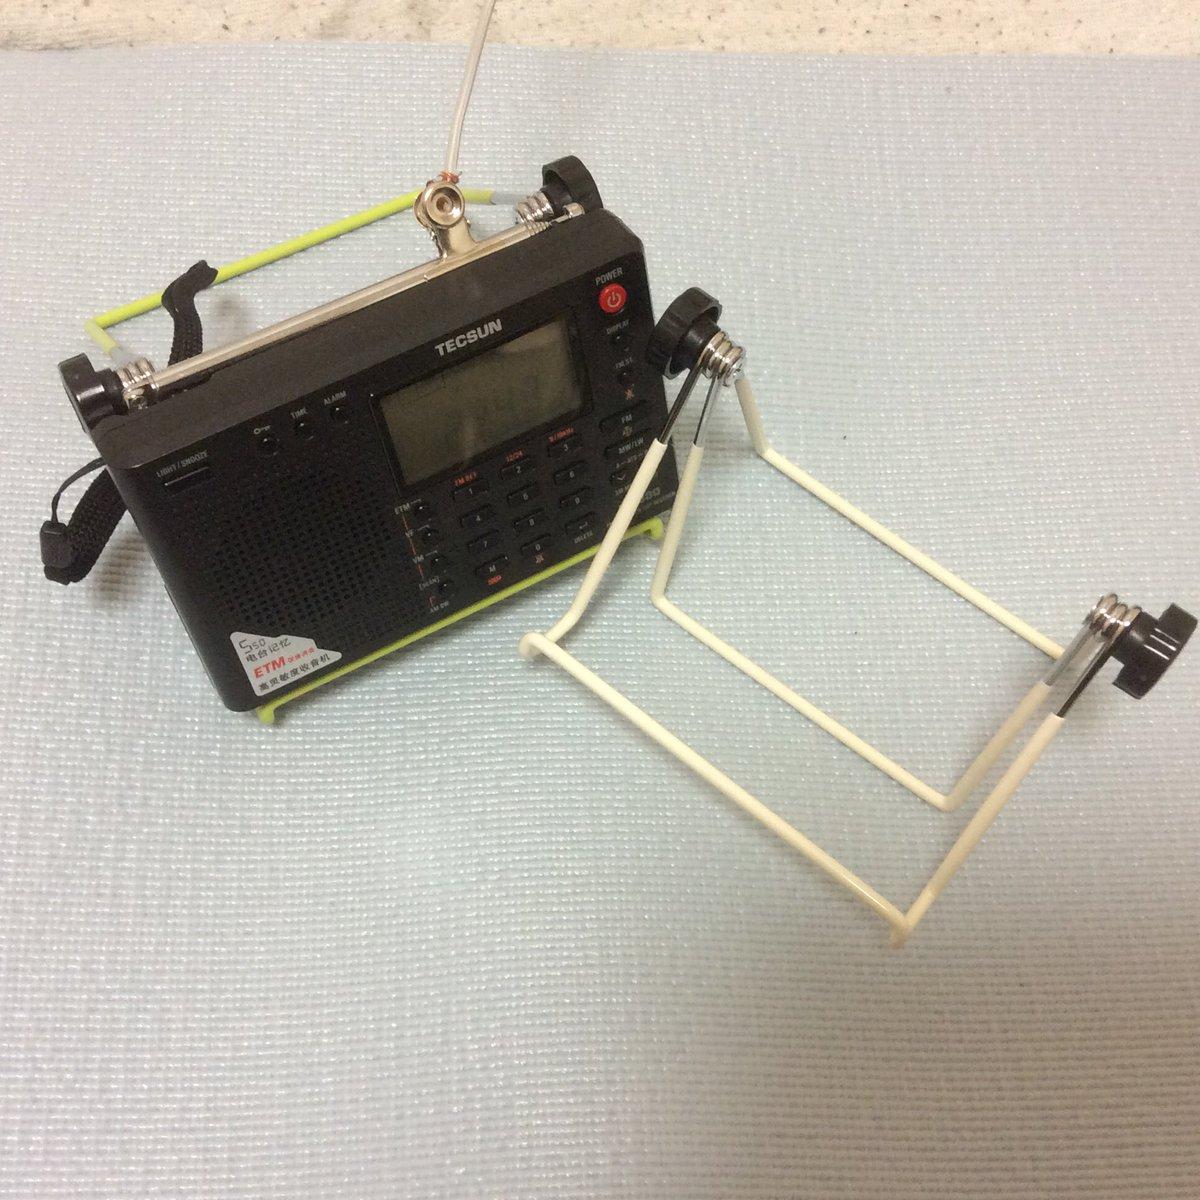 test ツイッターメディア - iPad mini3で動画を撮影しているのですがラジオの方も きちんと固定しておきたいのでiPad用のスタンドをもう 一つ購入してきました。ダイソーで108円。 #ダイソー #iPadスタンド https://t.co/HIe5PtXn6C